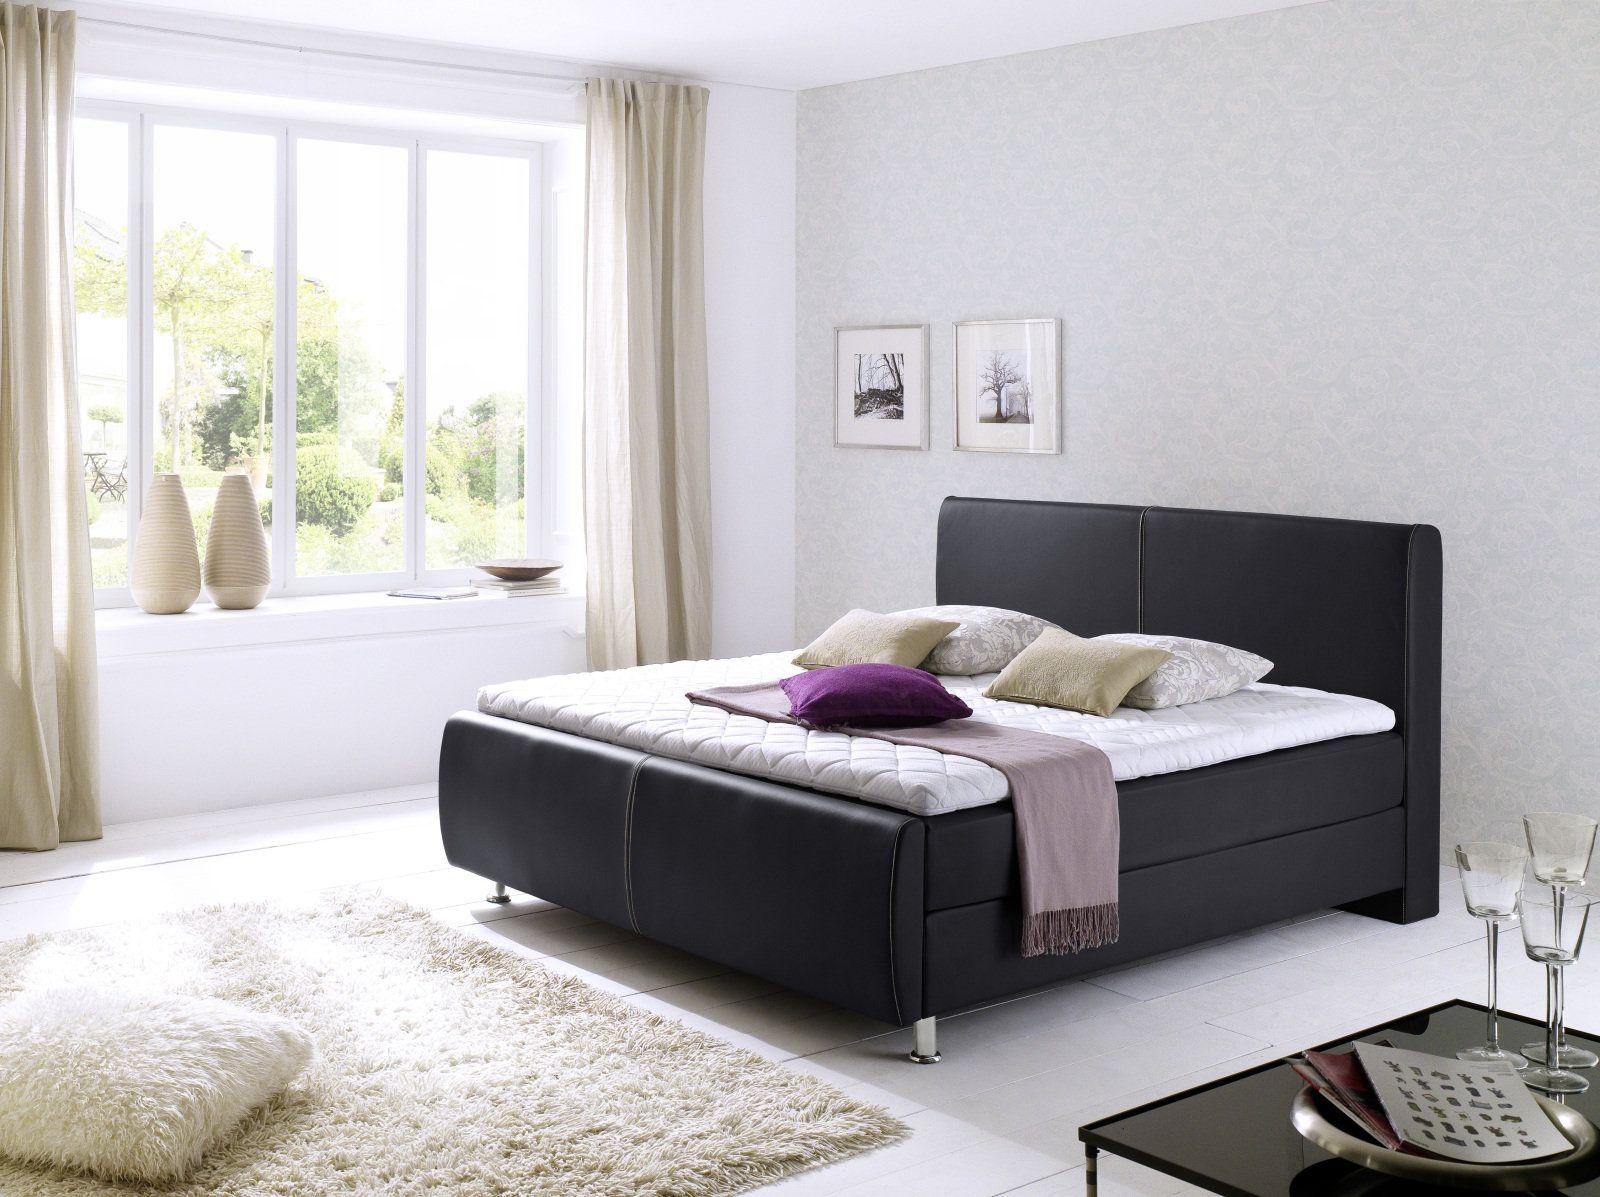 Schlafzimmerbank mit stauraumBild von Möbel ROLLER auf